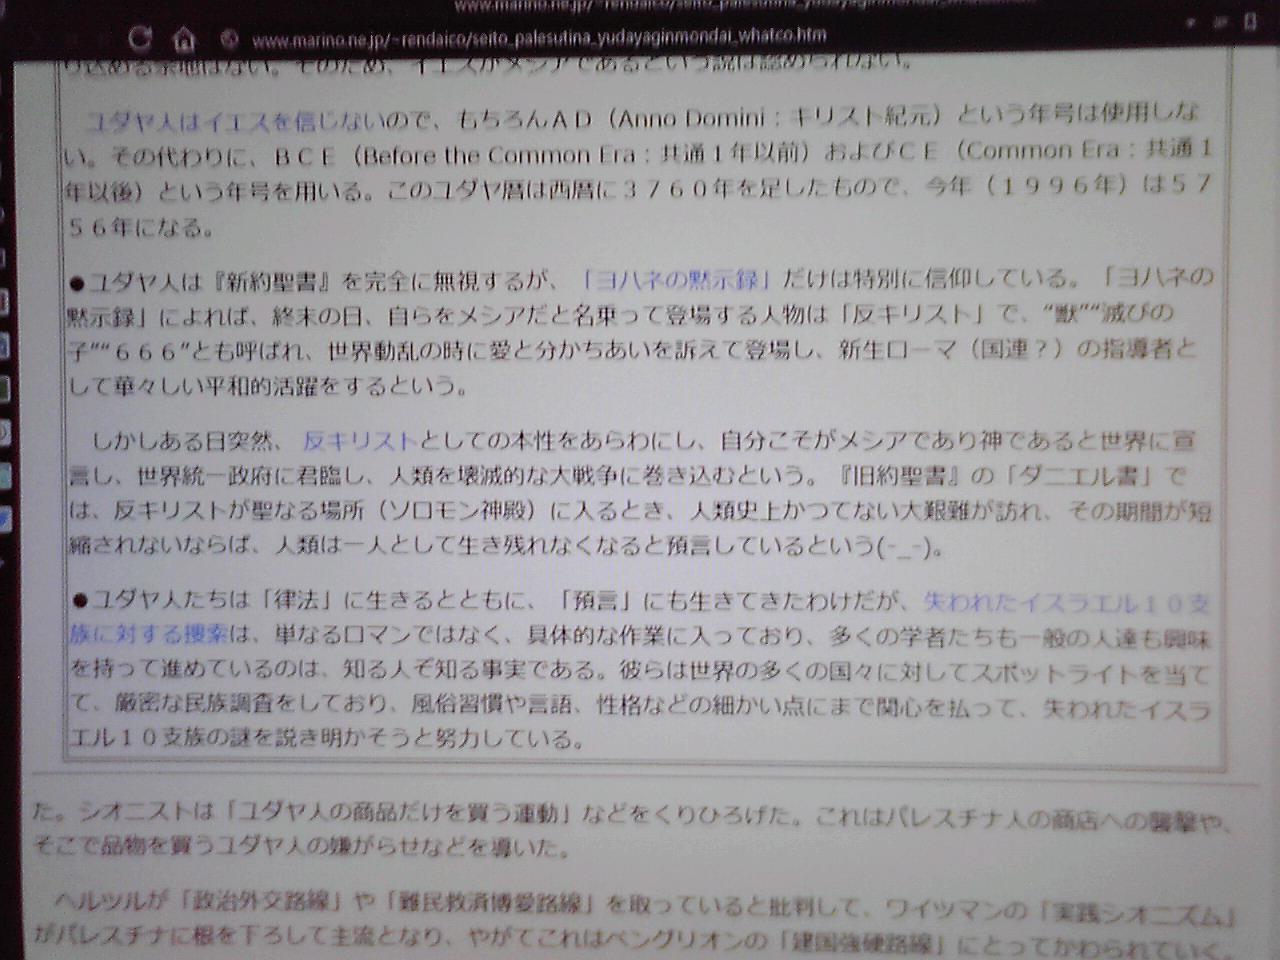 f:id:uta_stream:20181009165813j:plain